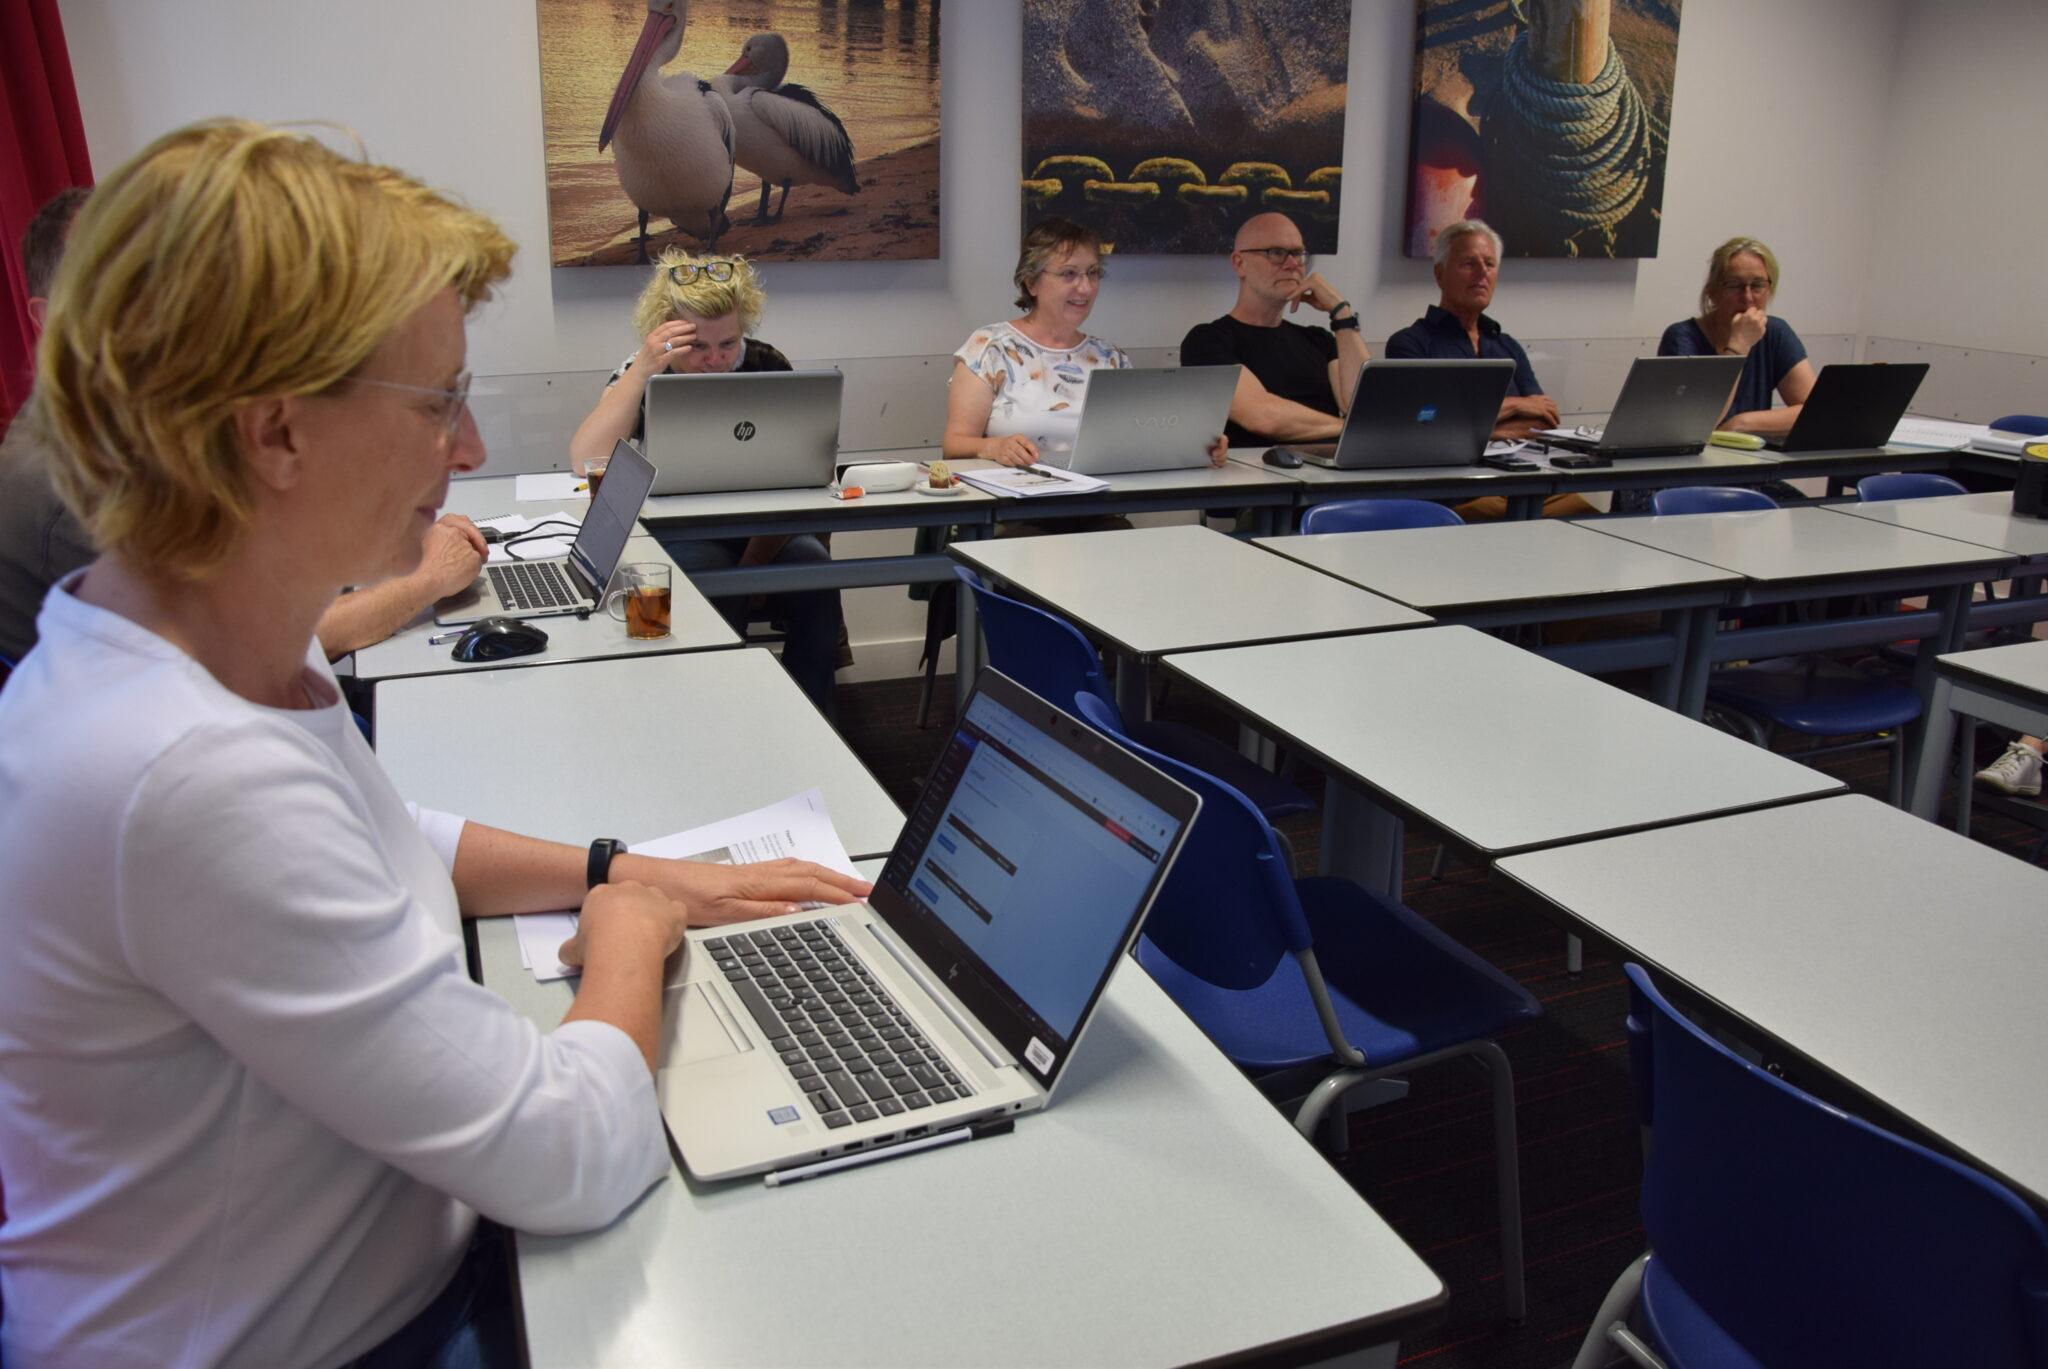 cursussen VU Den Bosch